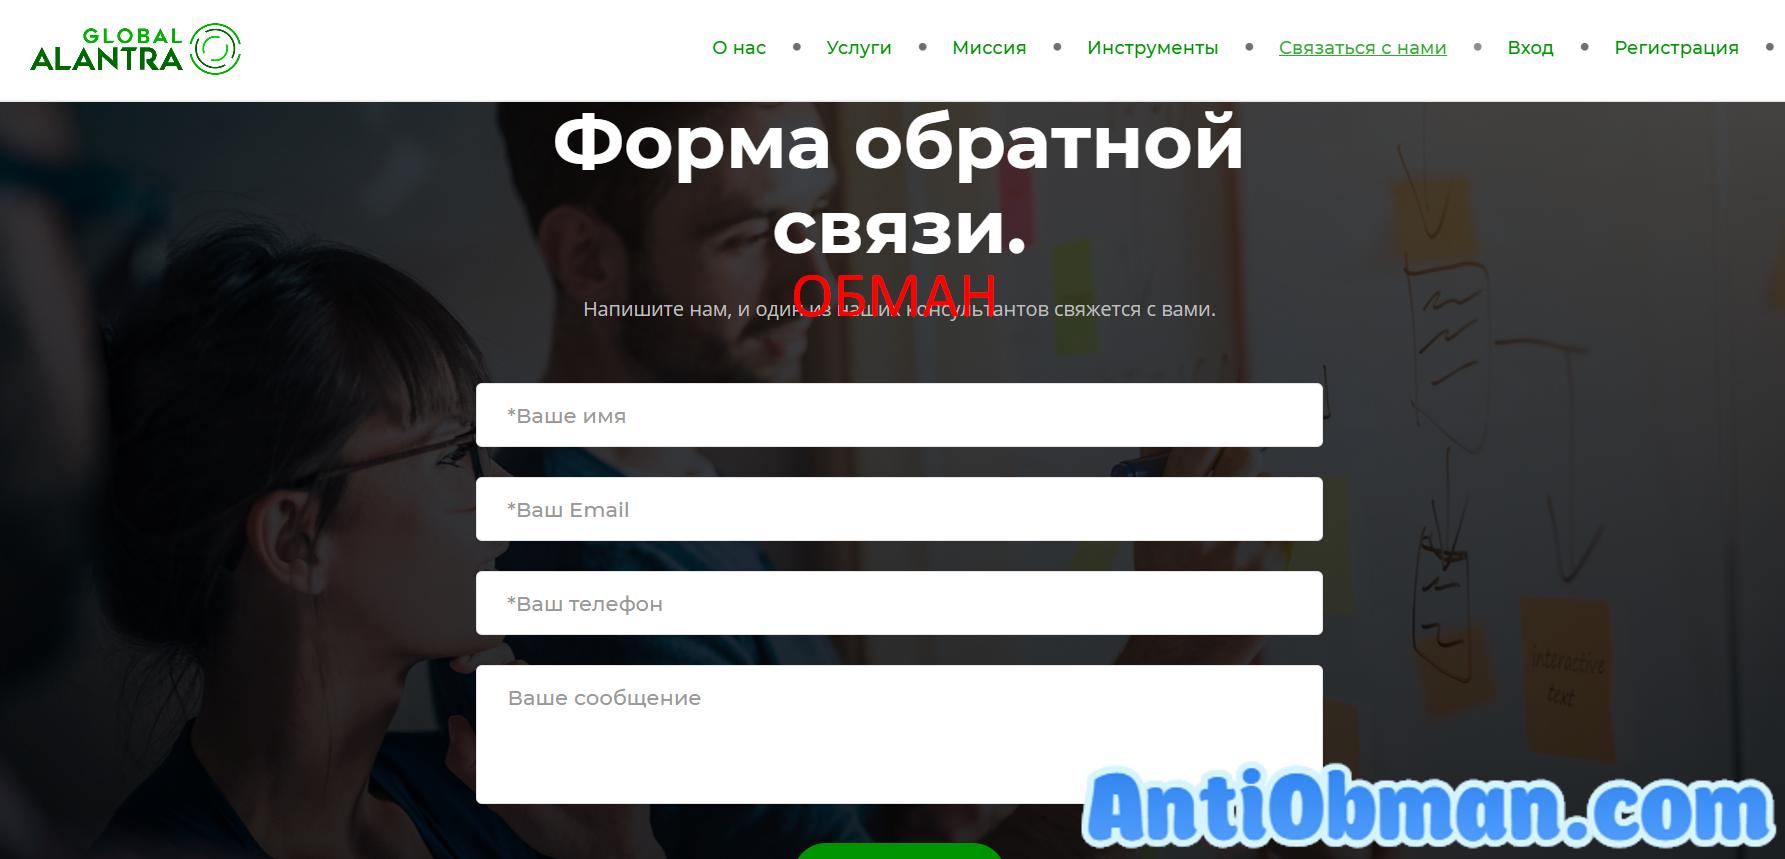 AlantraGlobal - отзывы и обзор alantraglobal.com